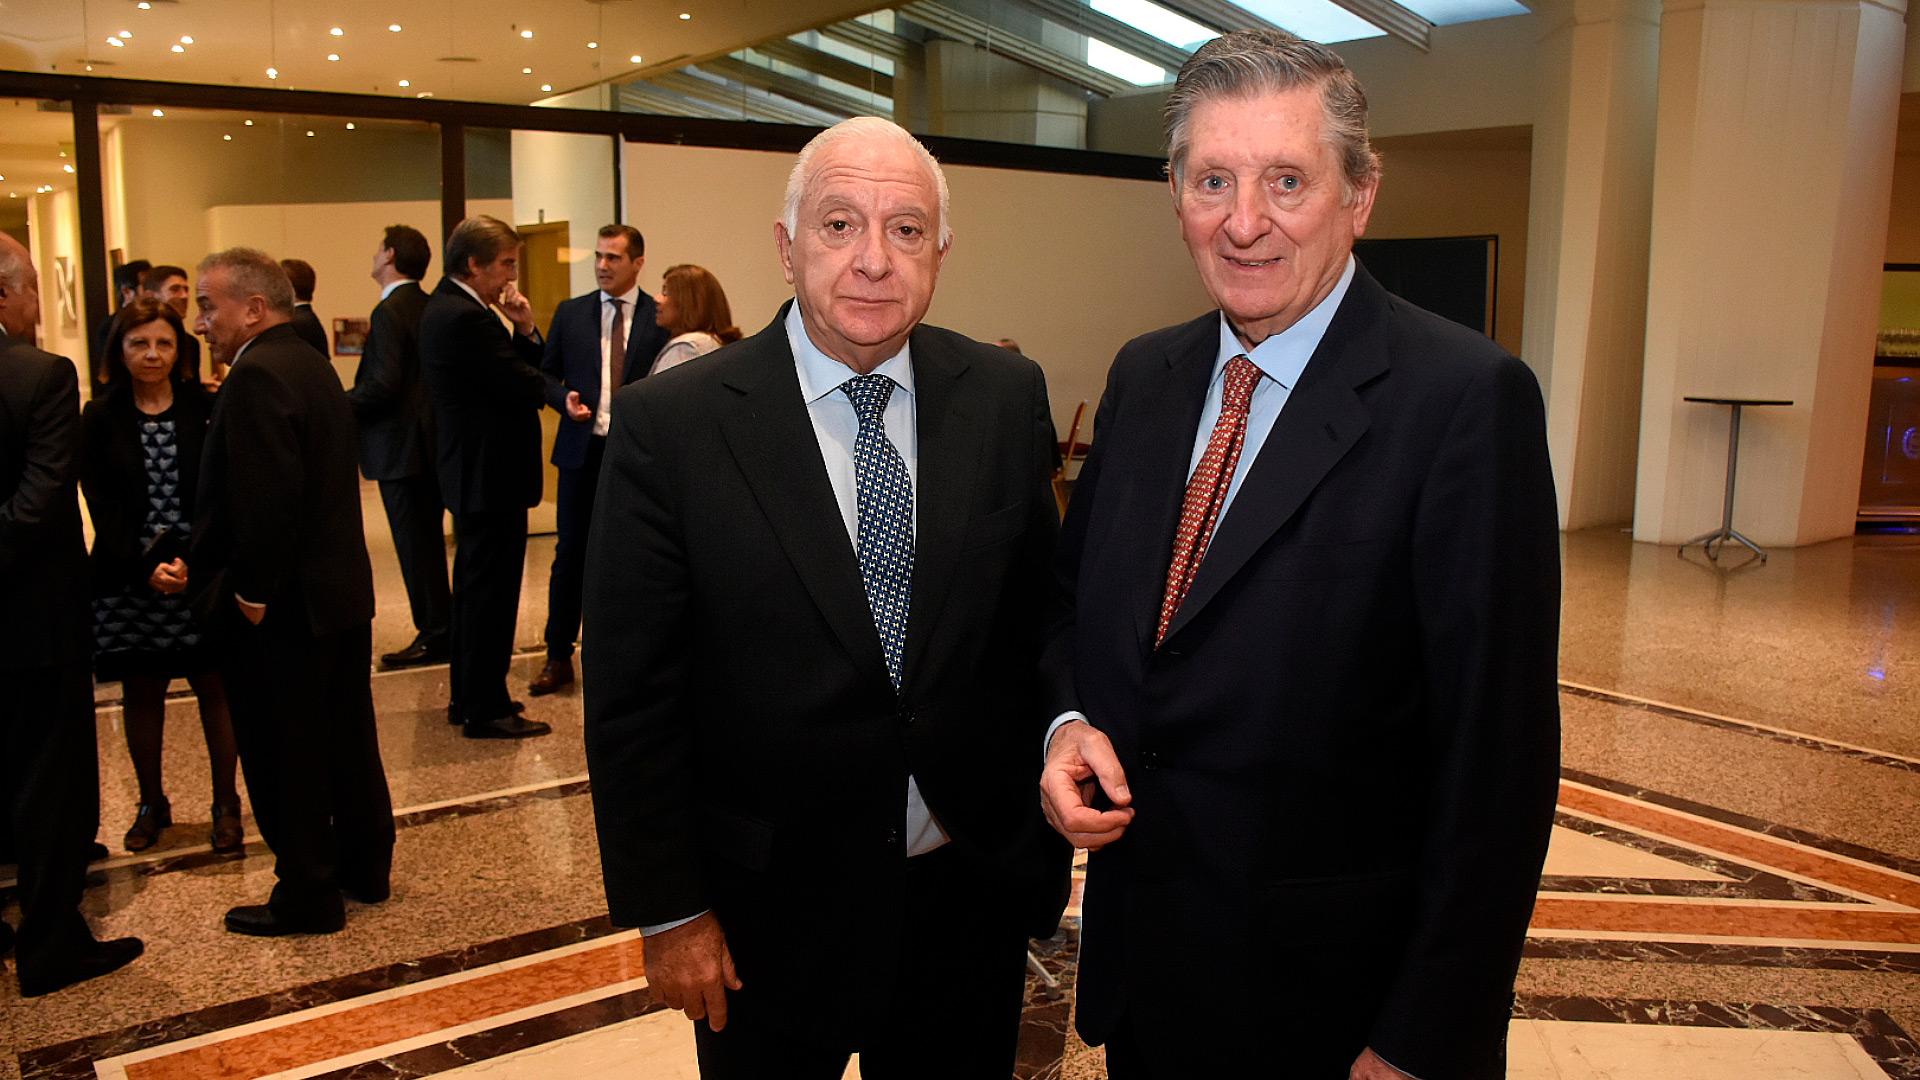 Norberto Frigerio, director de Relaciones Institucionales de La Nación y José Claudio Escribano, presidente de la Comisión de Premios de ADEPA